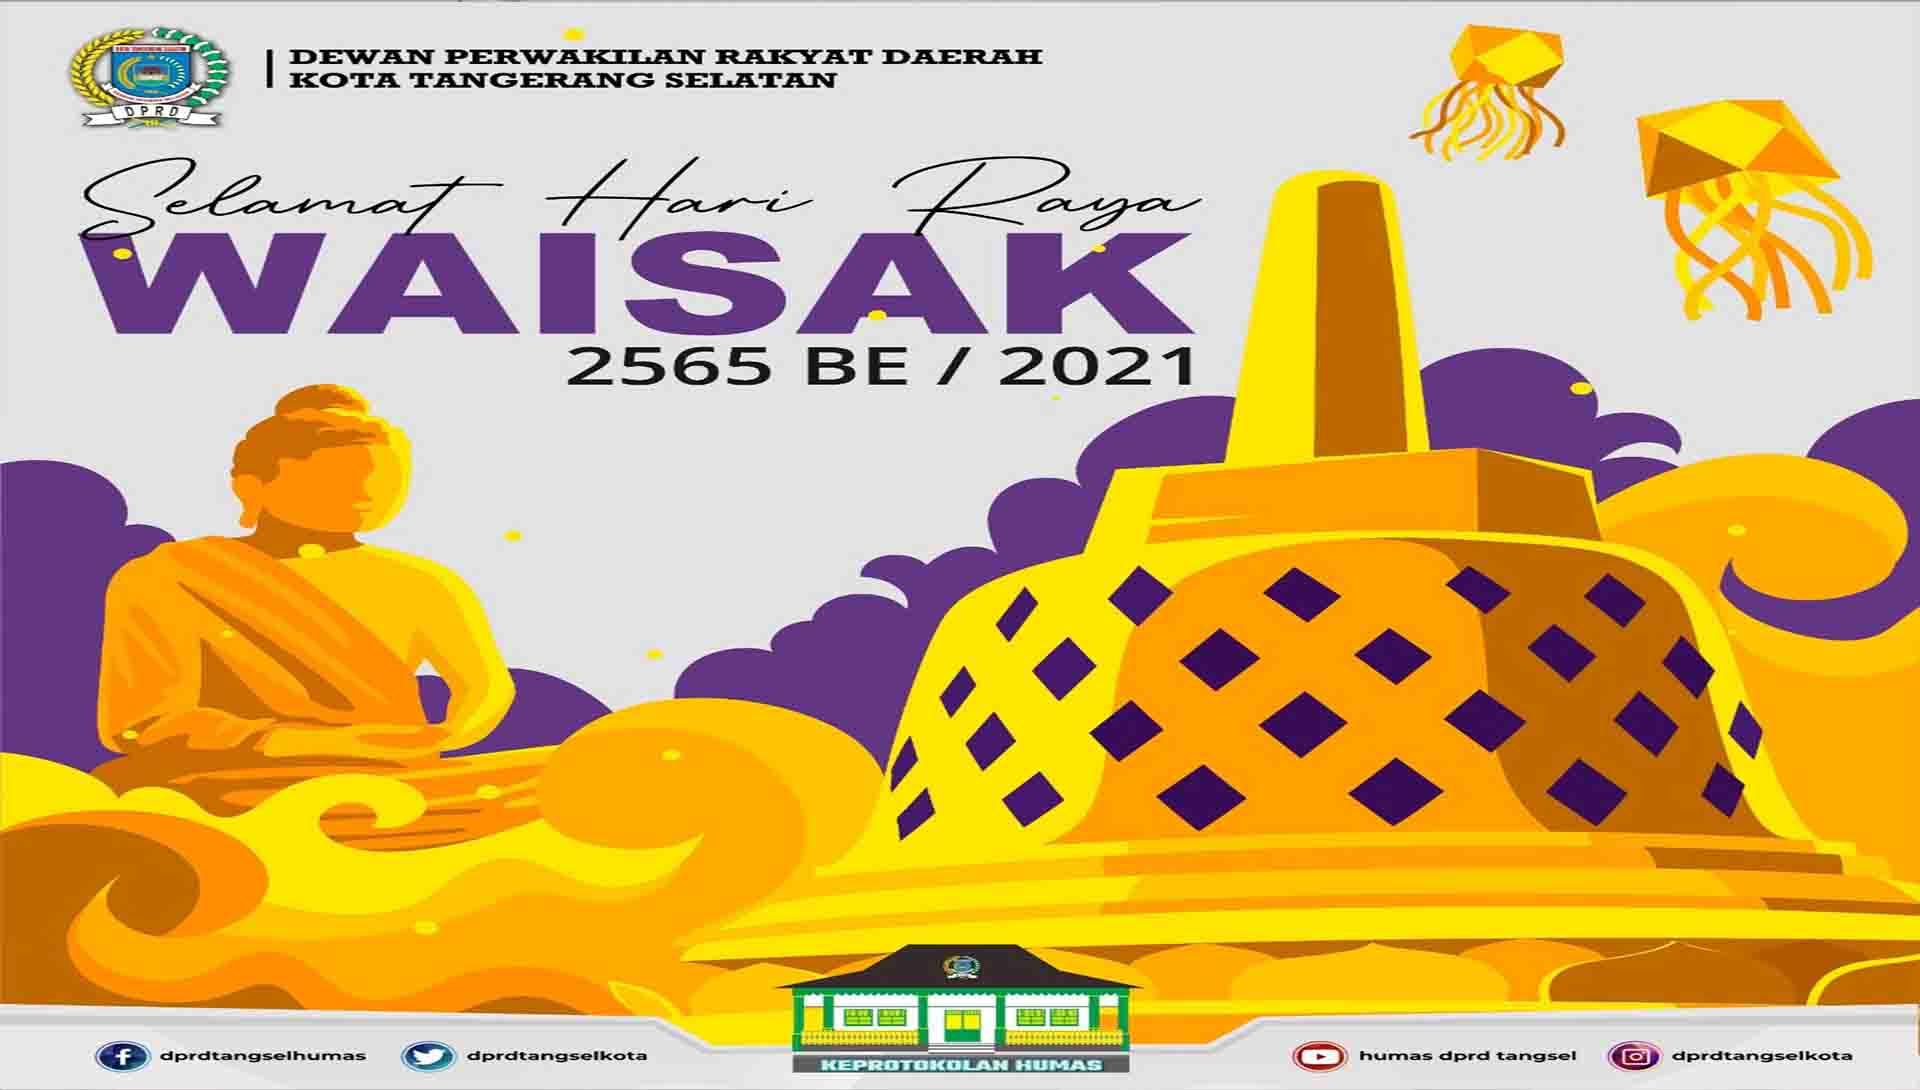 Selamat Hari Raya Waisak 2565 BE / 2021